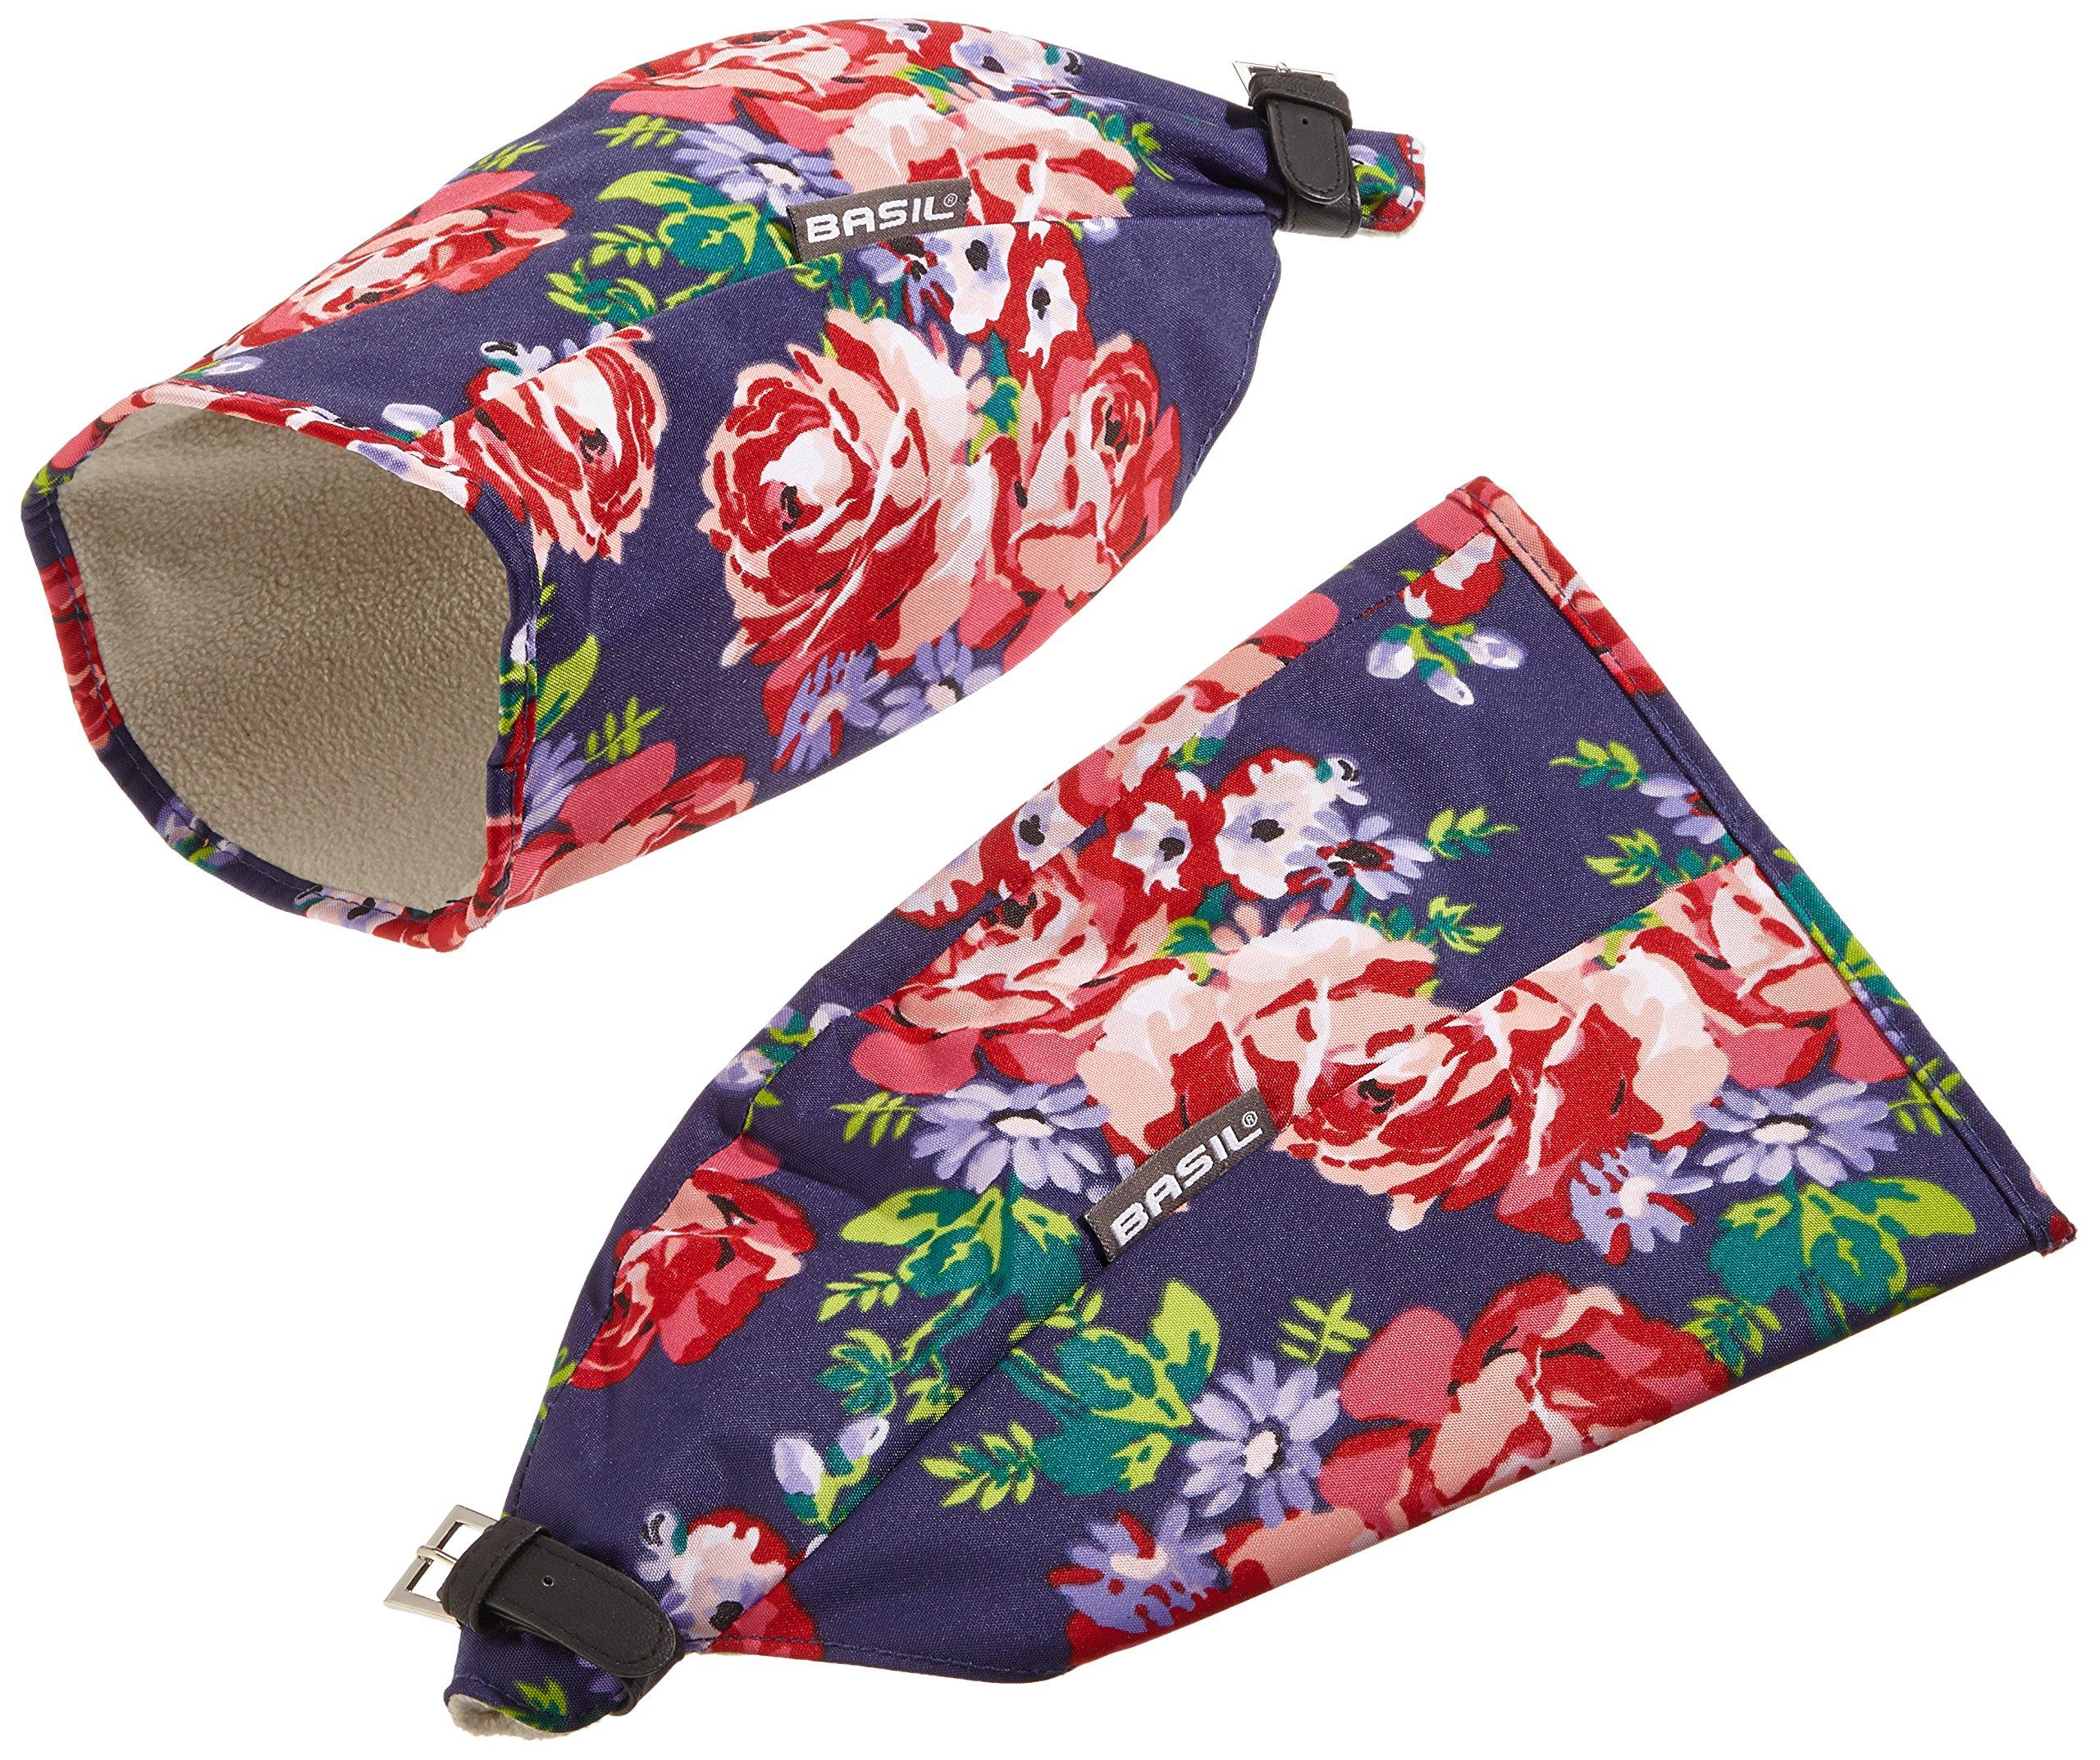 Basil Abdeckhaube Blossom Roses-Hand Warmers, blau mit weißem Innenfutter, 5034